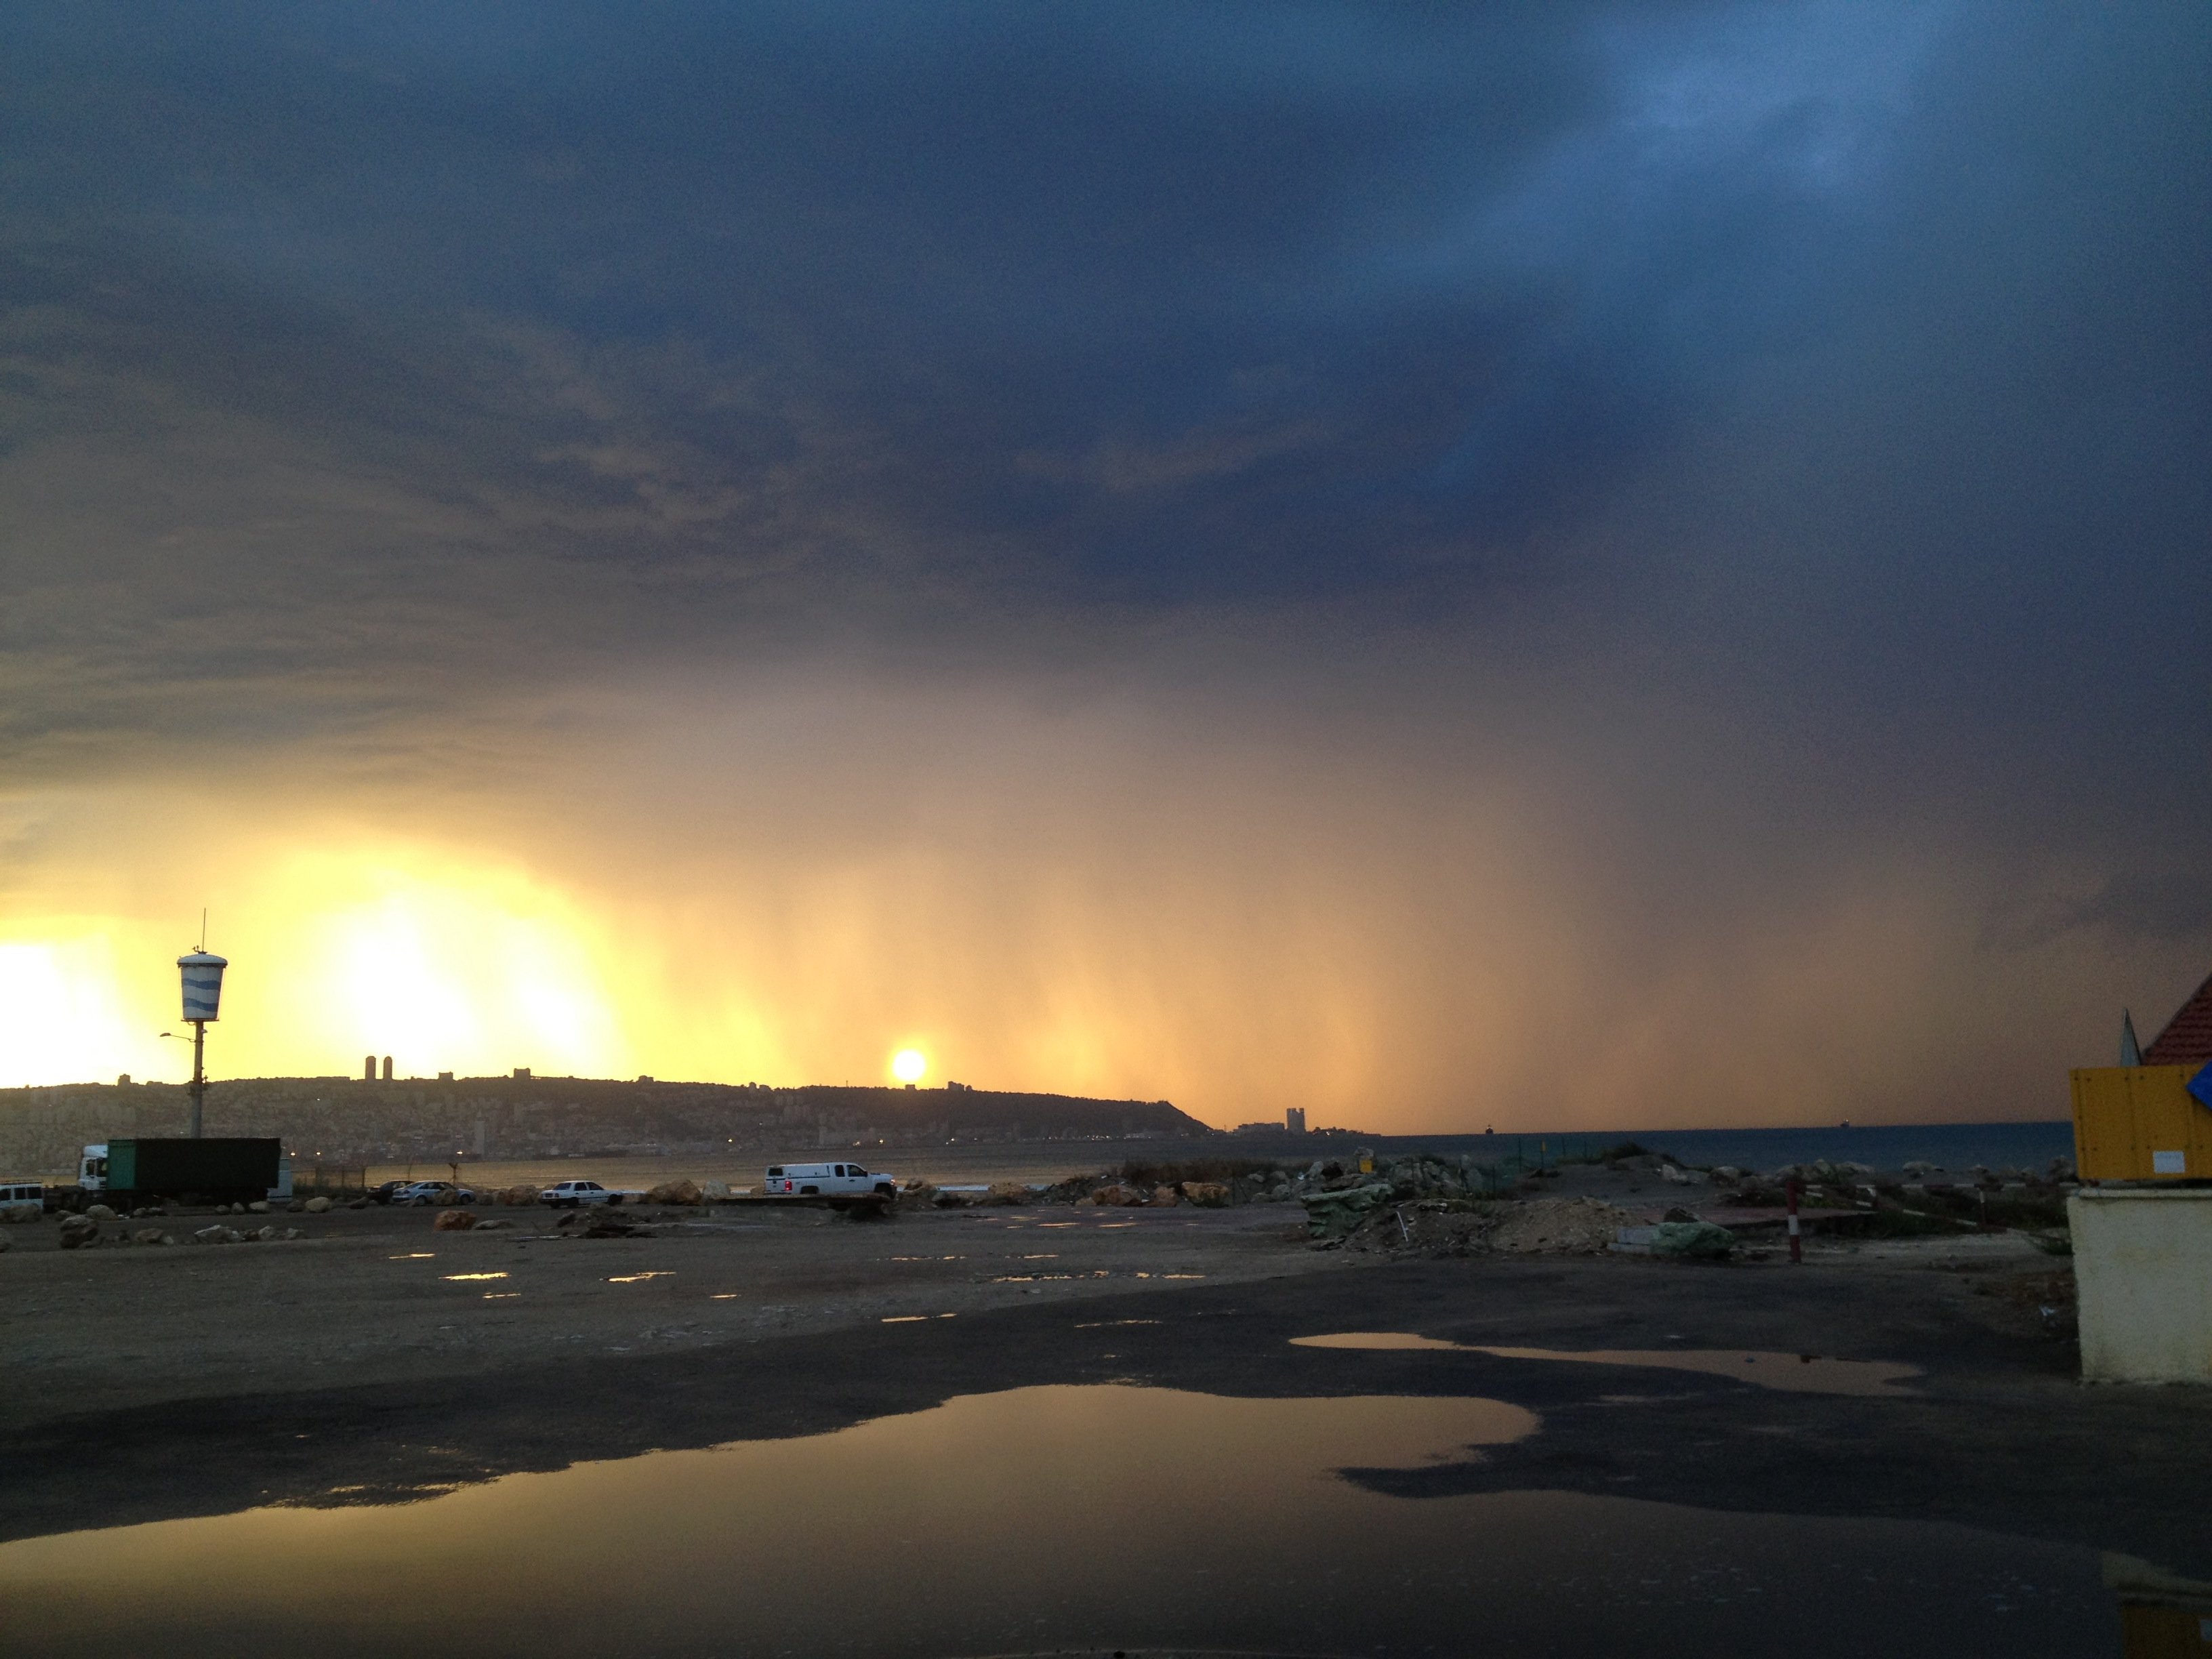 上图:2015年以色列冬季第一场雷雨之后的天空,「金光出于北方」(伯三十七22),可能就是类似的景象。